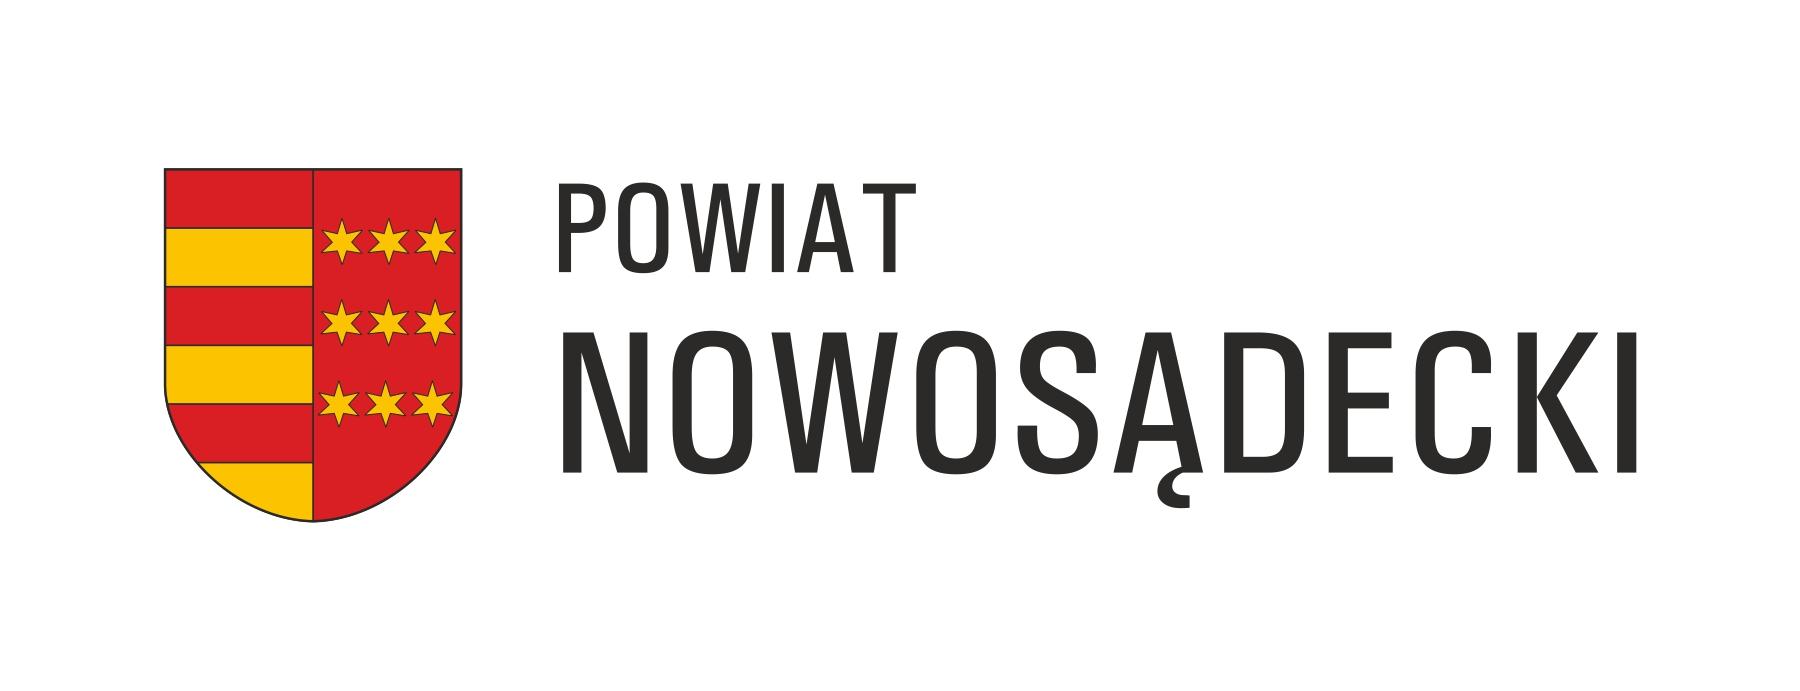 herb_powiatu_nowosadeckiego_z_napisem_po_prawej